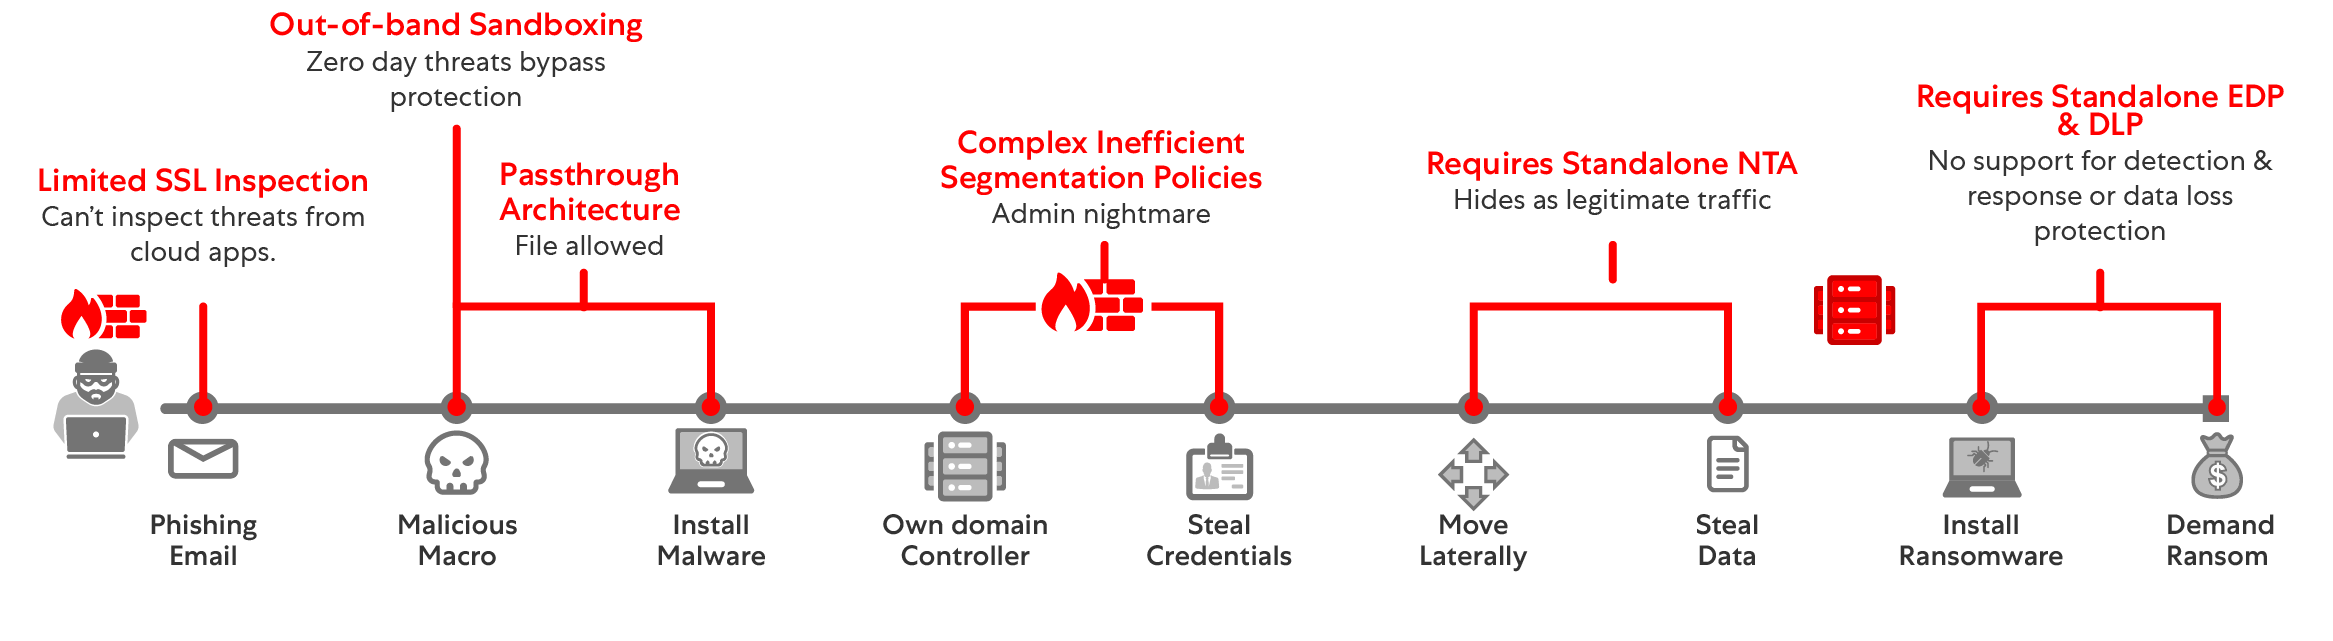 Legacy-Sicherheitsarchitekturen können heutige Ransomware nicht stoppen